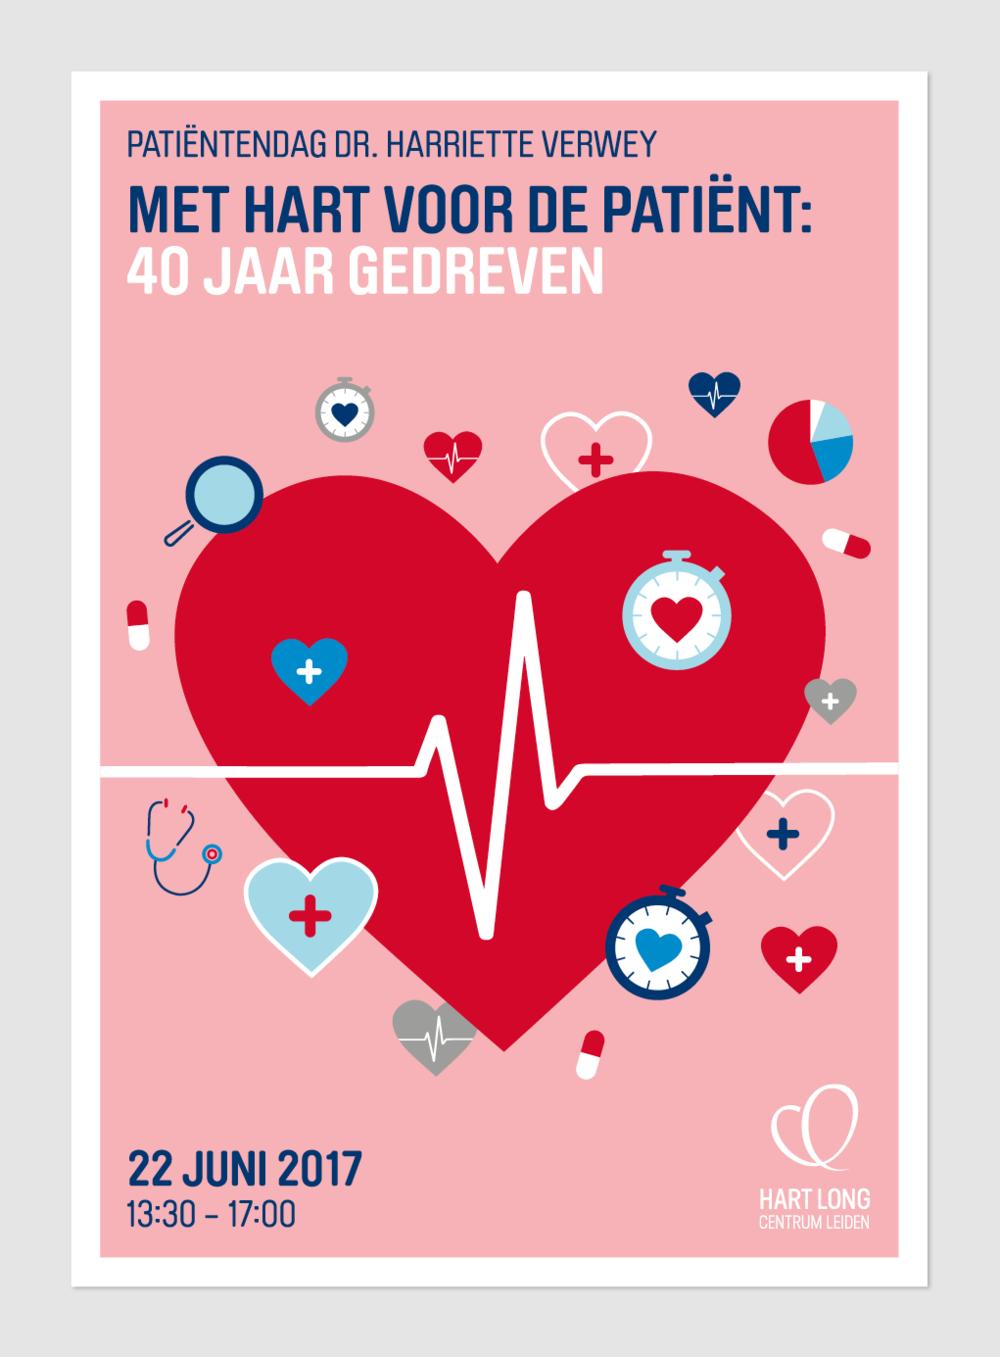 Uitnodiging_Patientendag.png